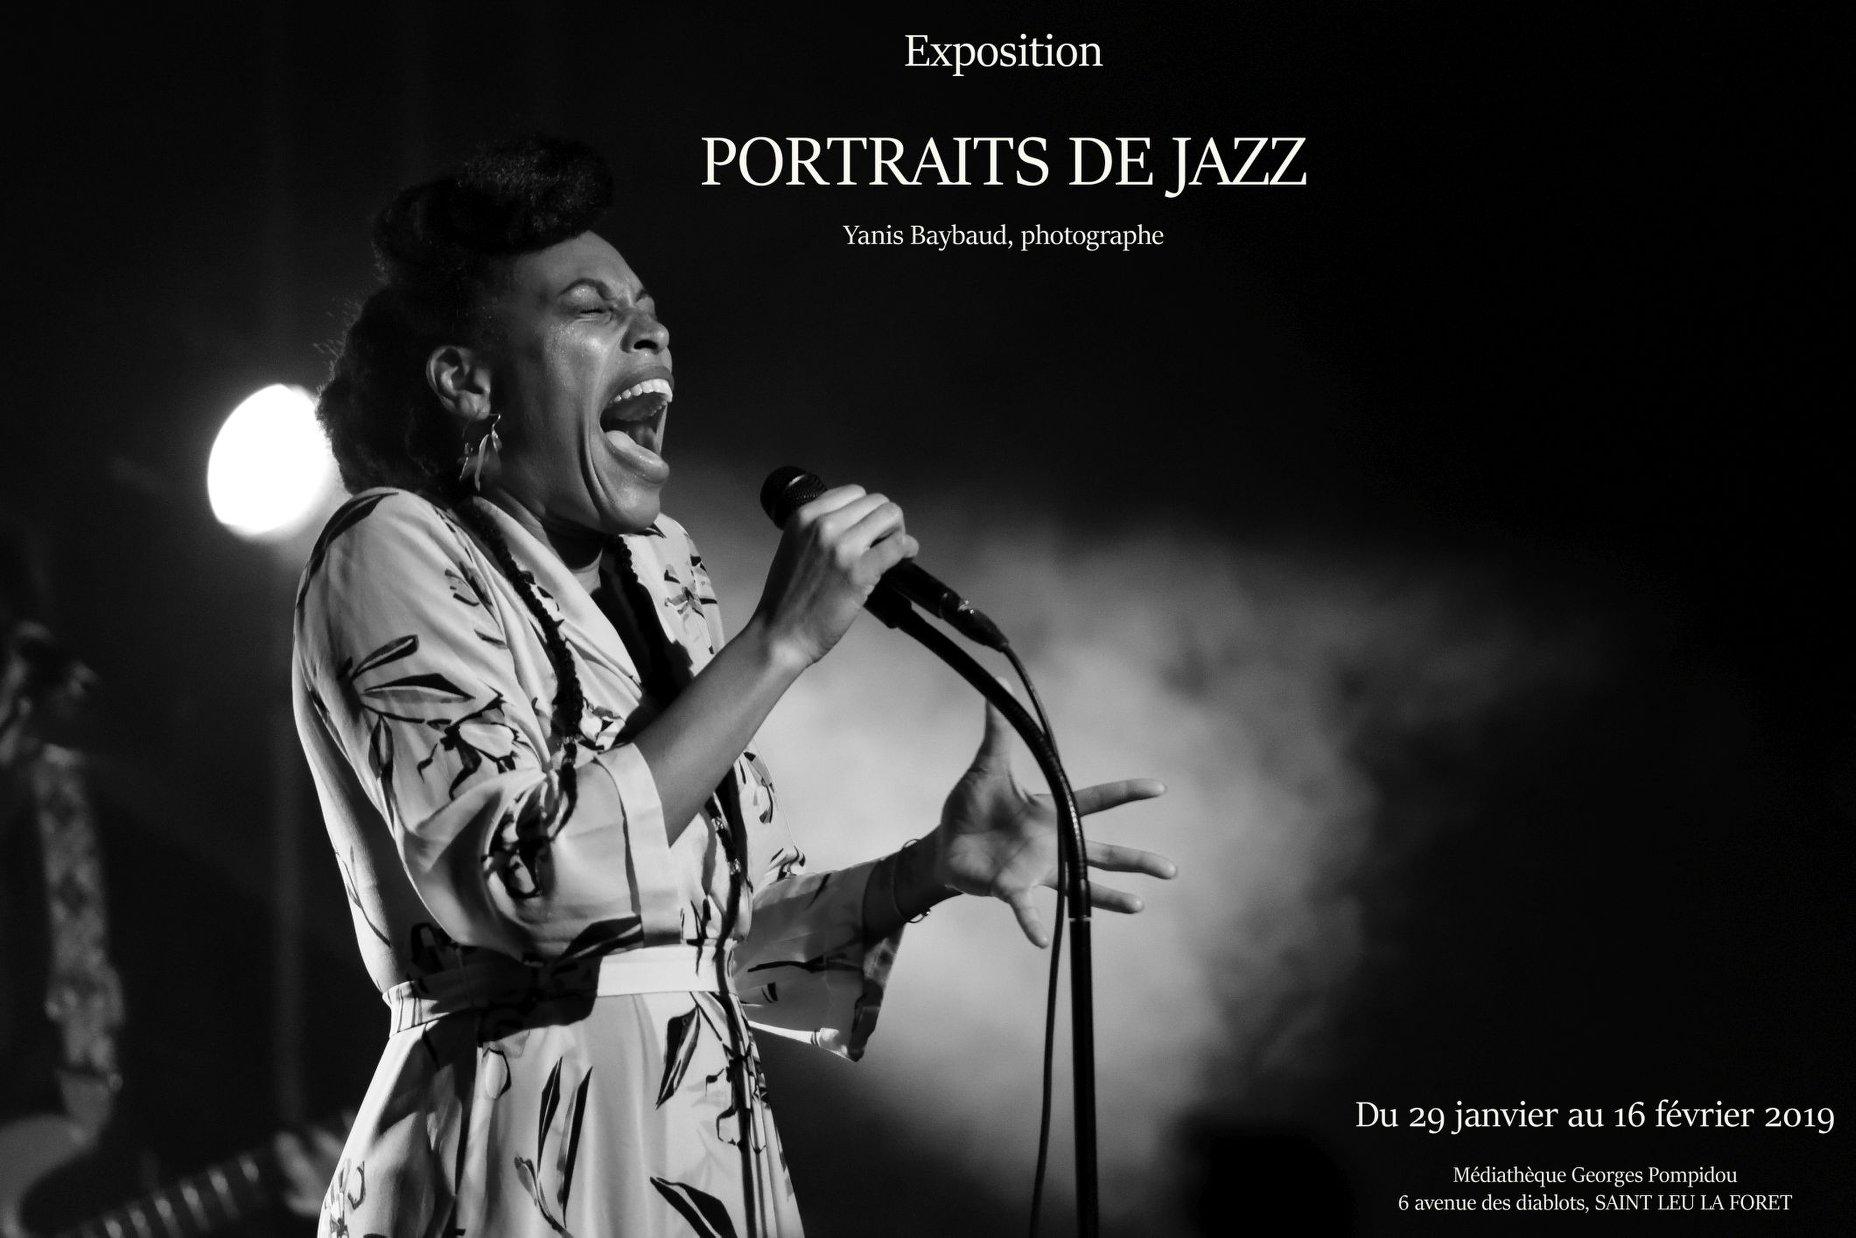 PORTRAITS DE JAZZ de Yanis Baybaud